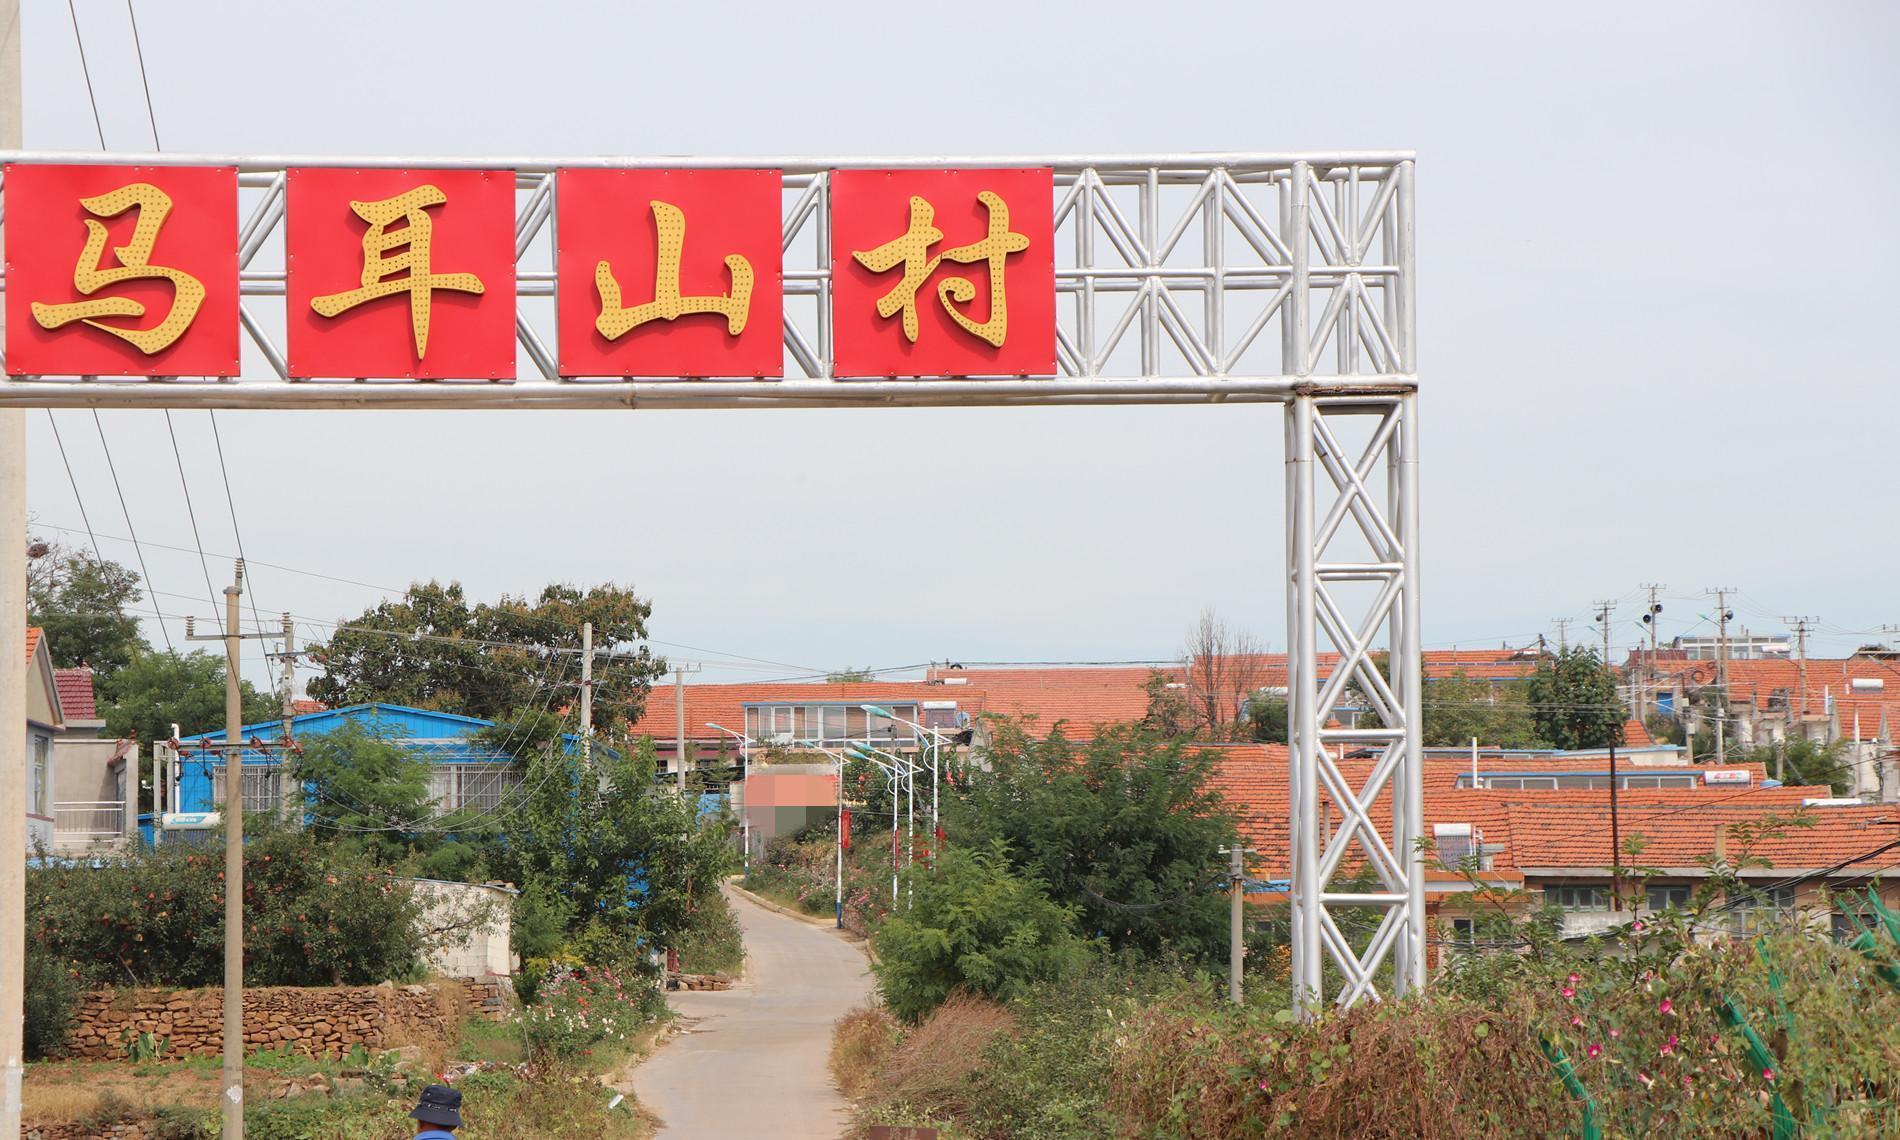 烟台莱阳有个马耳山村,因附近山的形状像马的耳朵而得名